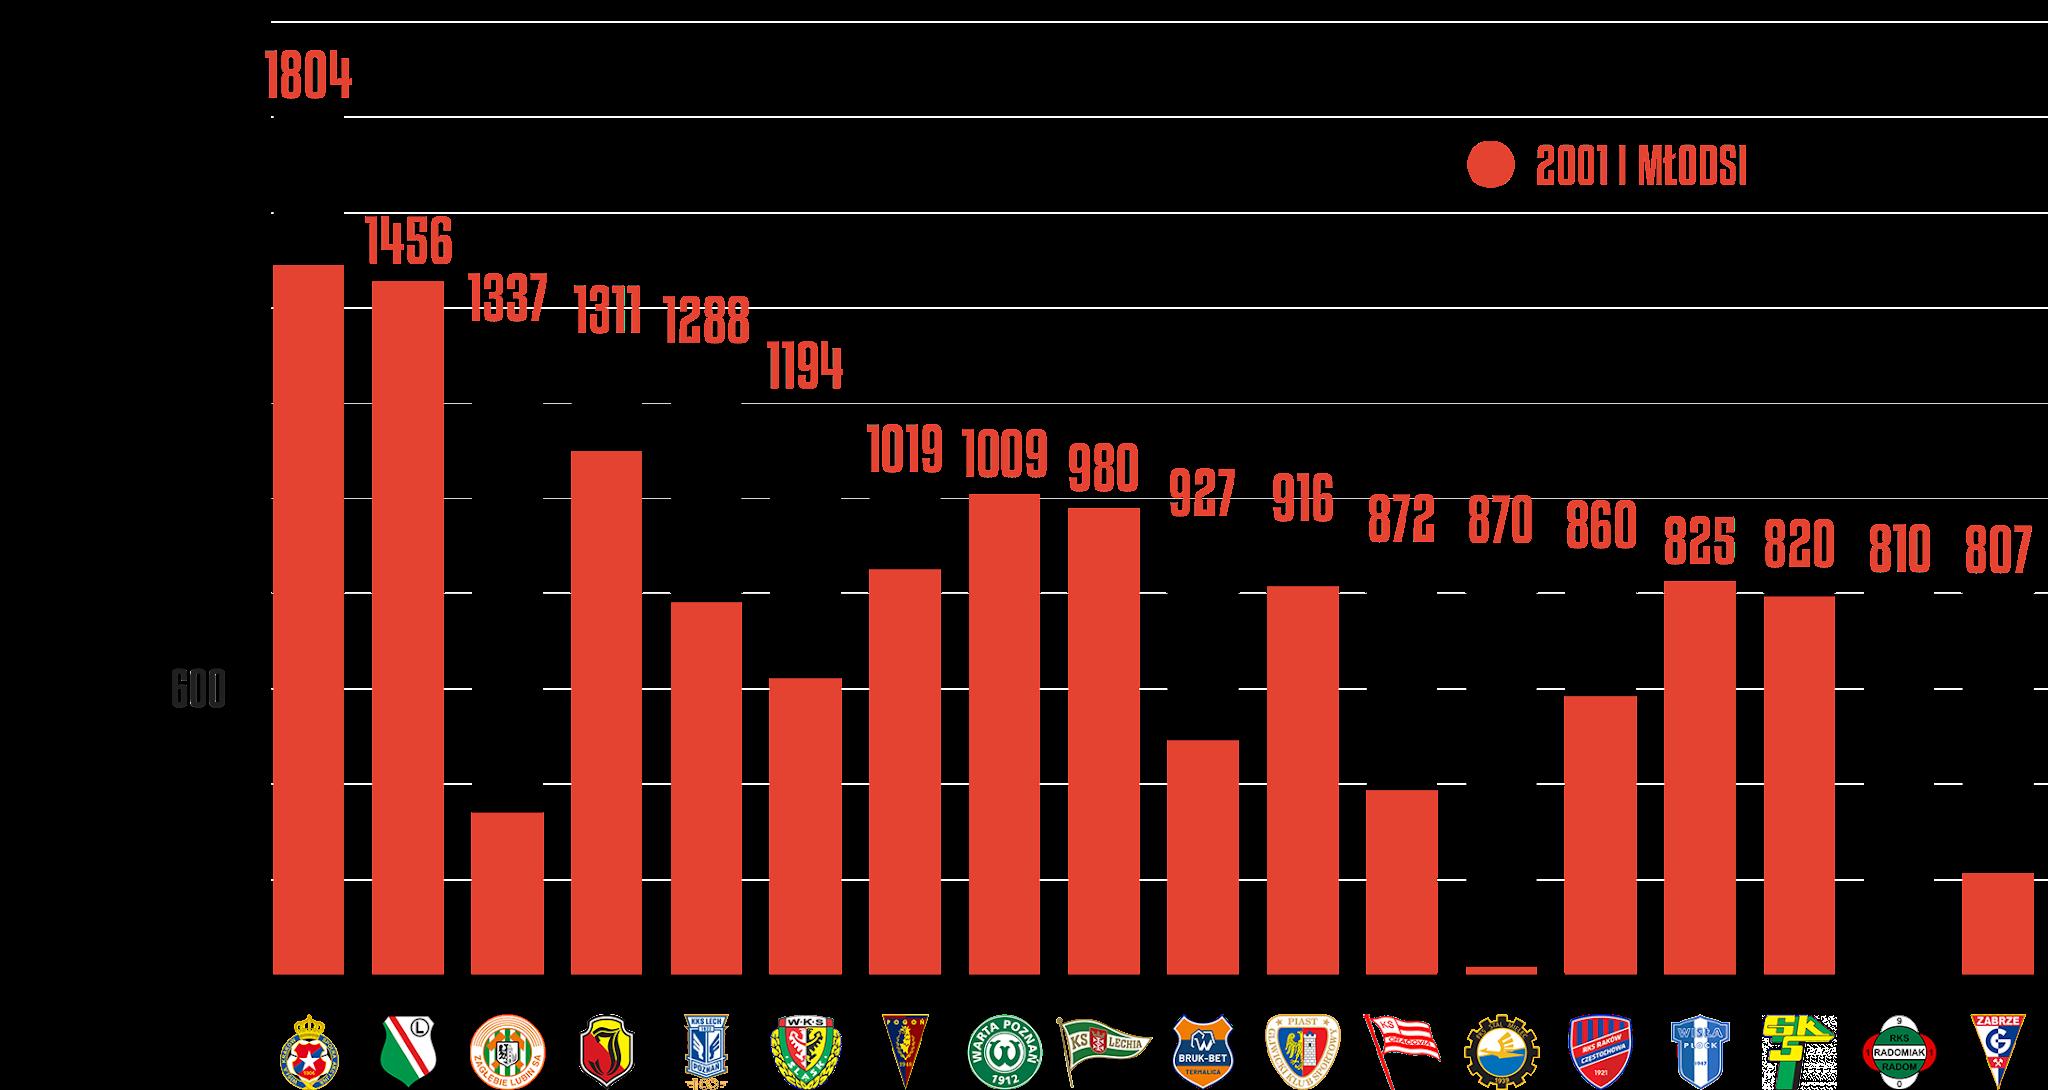 Klasyfikacja klubów pod względem rozegranego czasu przez młodzieżowców po 9.kolejce PKO Ekstraklasy<br><br>Źródło: Opracowanie własne na podstawie ekstrastats.pl<br><br>graf. Bartosz Urban